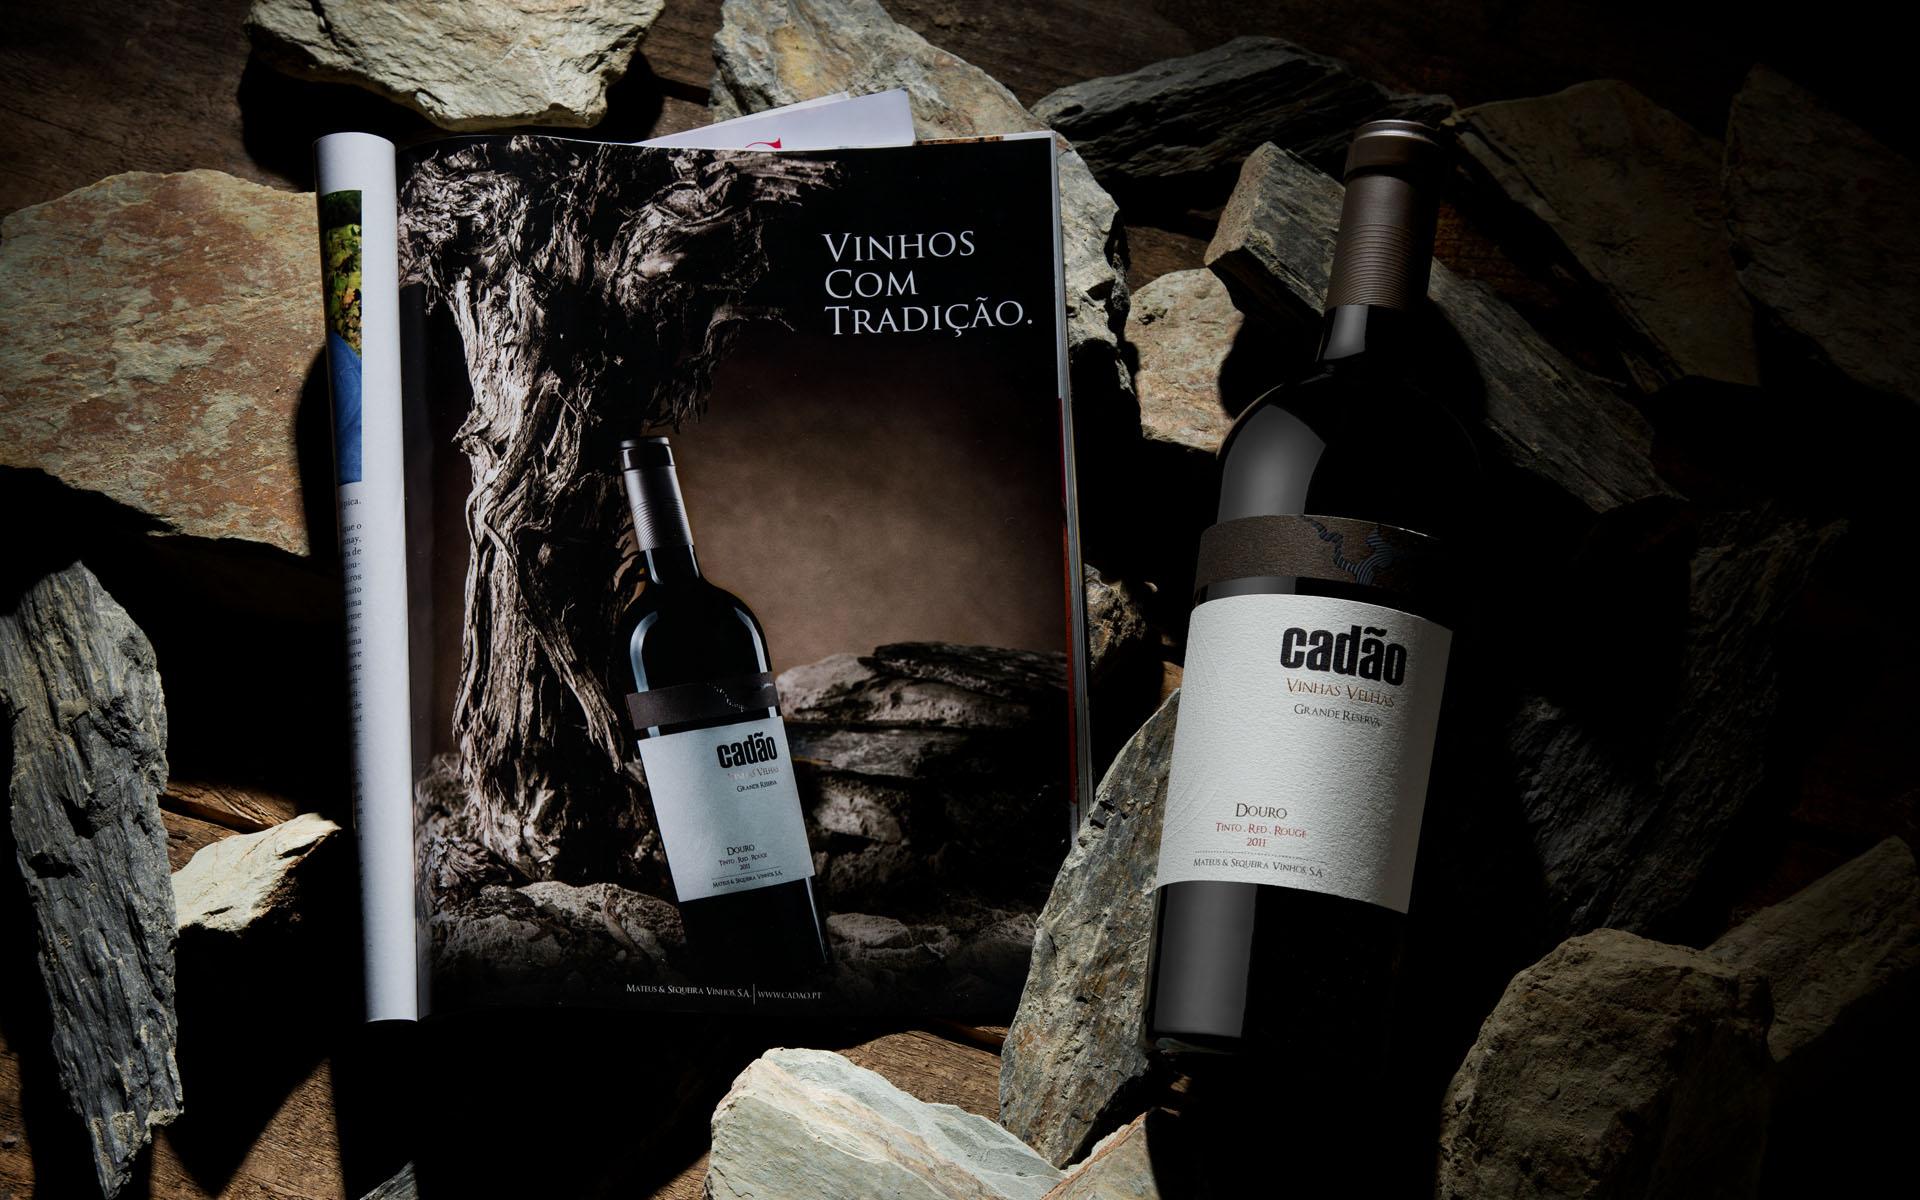 <p>A singularidade do terroir onde nascem os vinhos Cadão cria o cenário ideal</p>